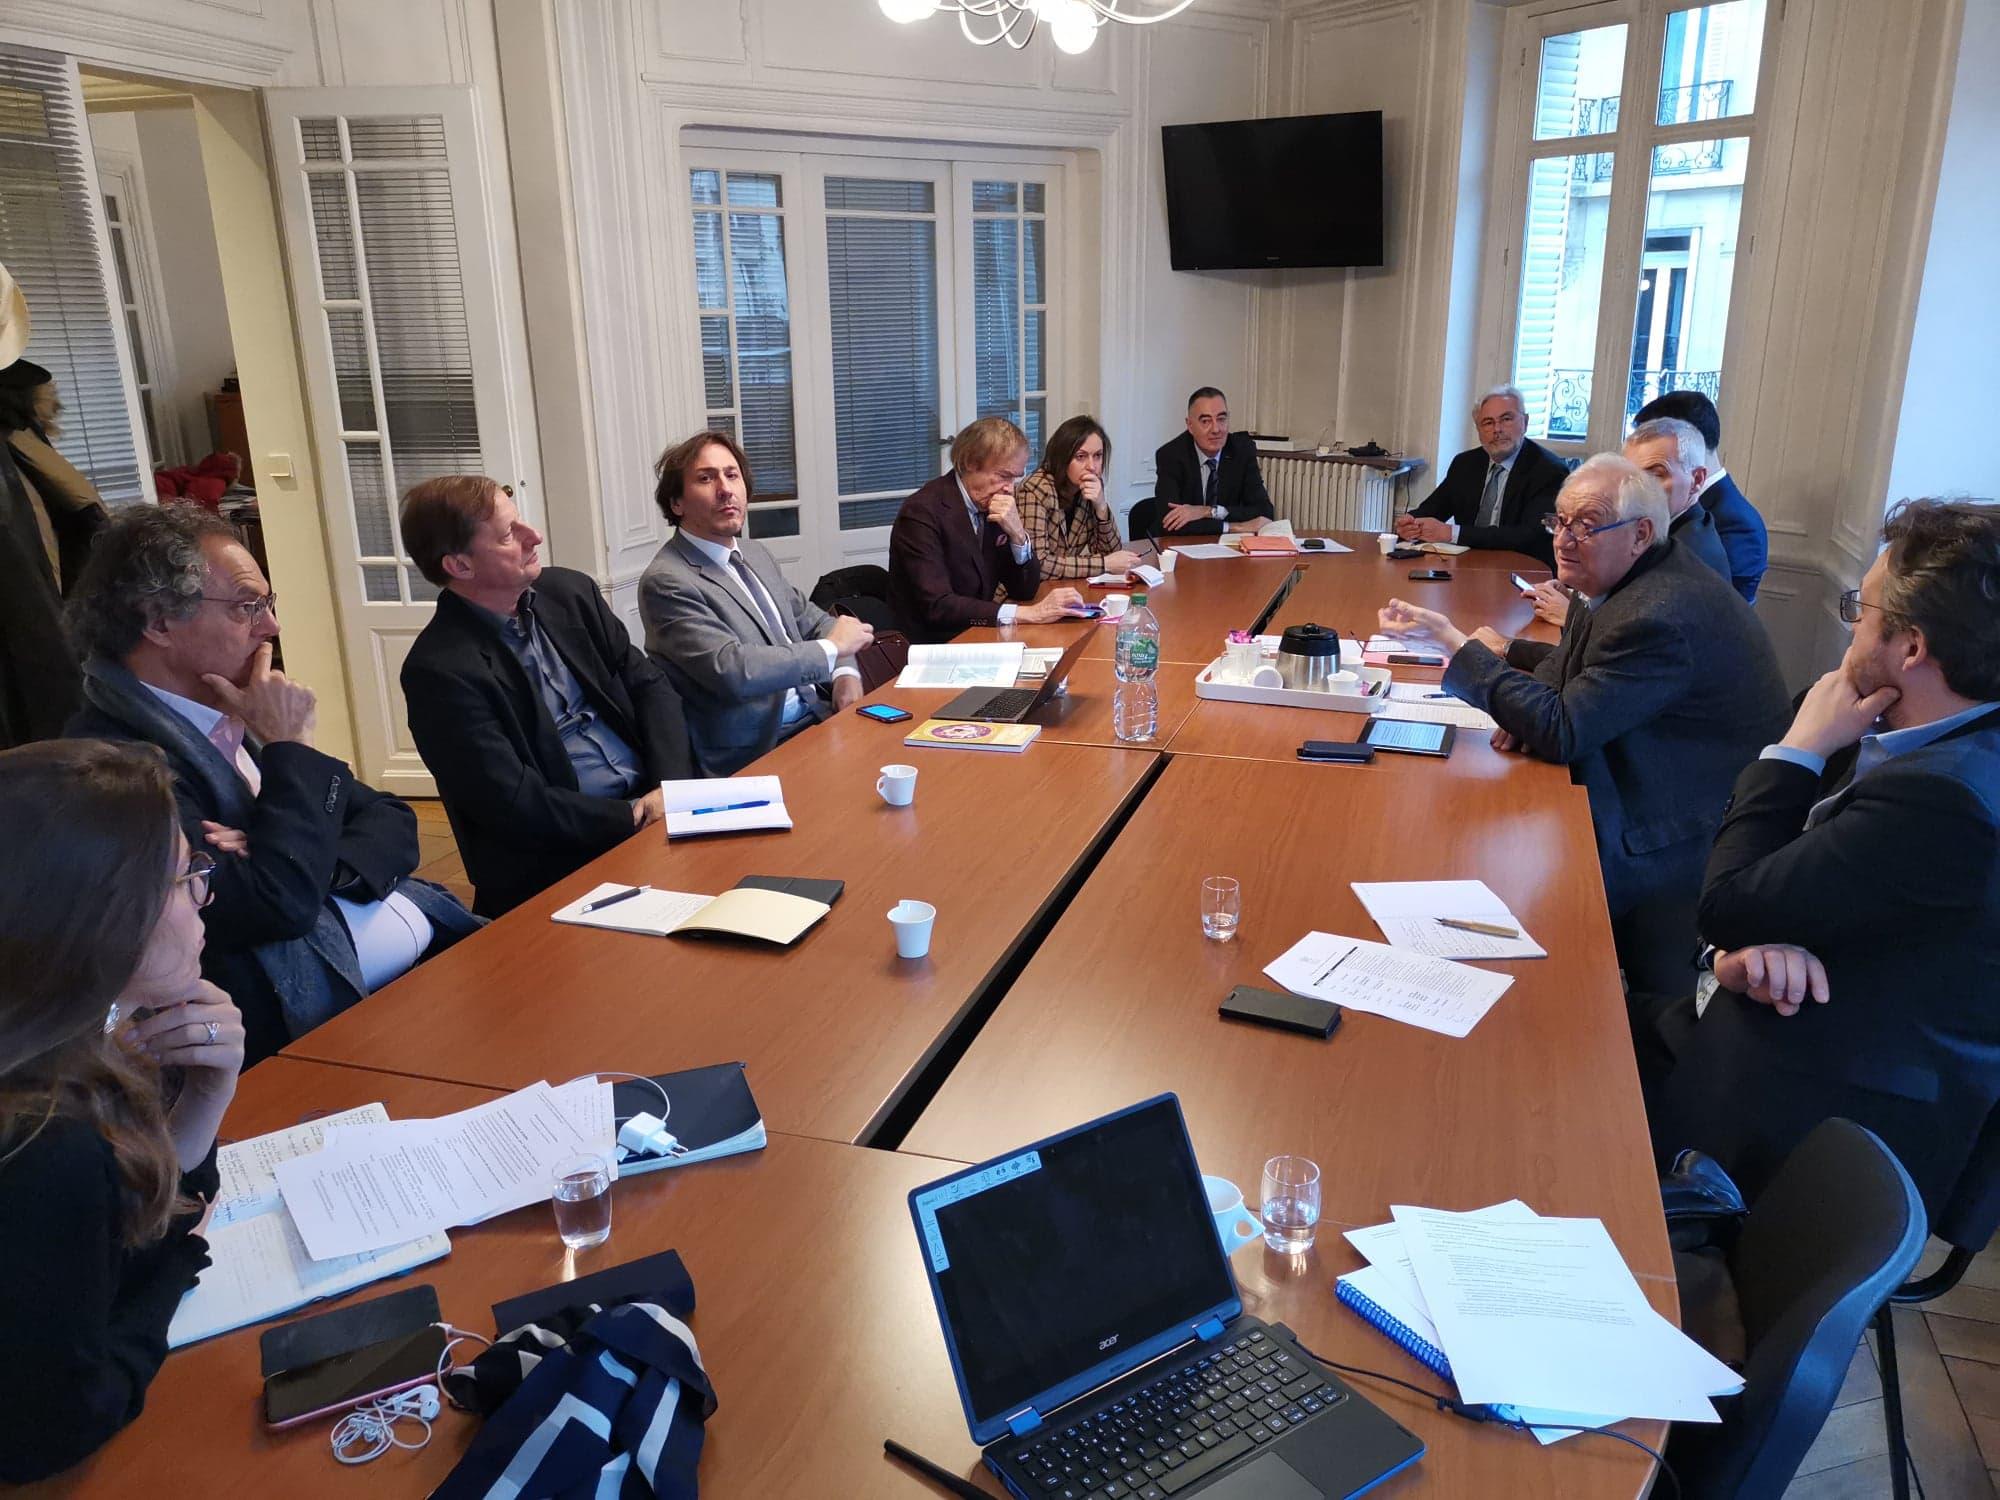 L'APVF a lancé son Conseil scientifique